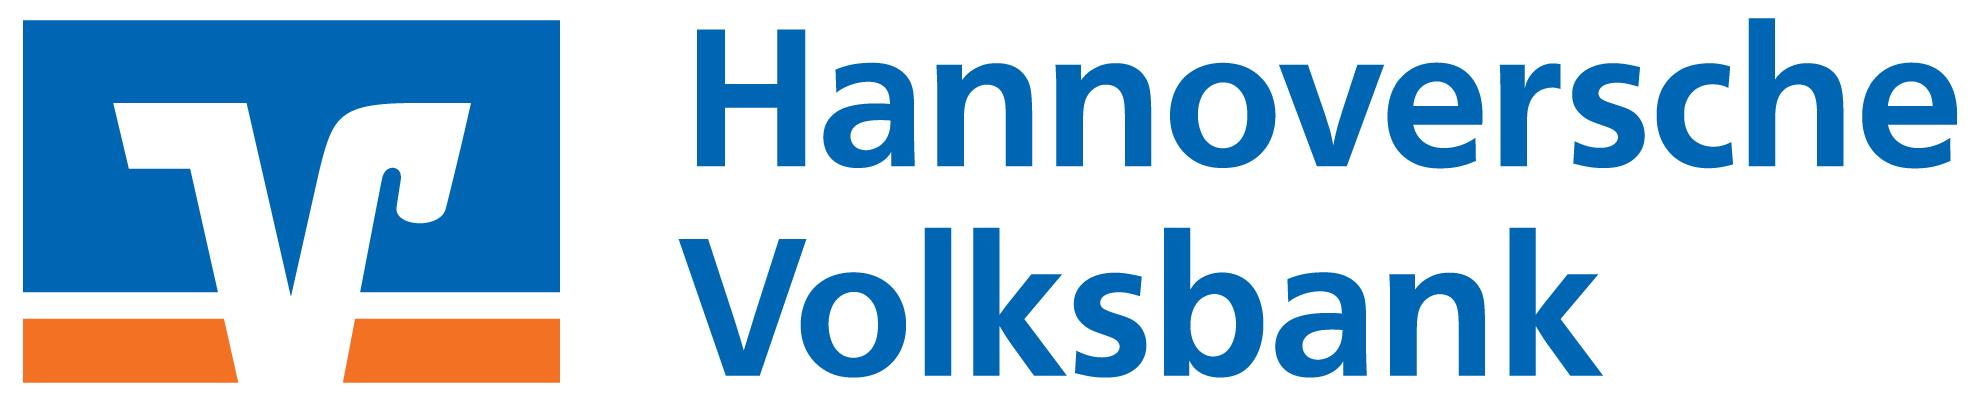 Hannoversche Volksbank eG SelbstbedienungsCenter Bissendorf